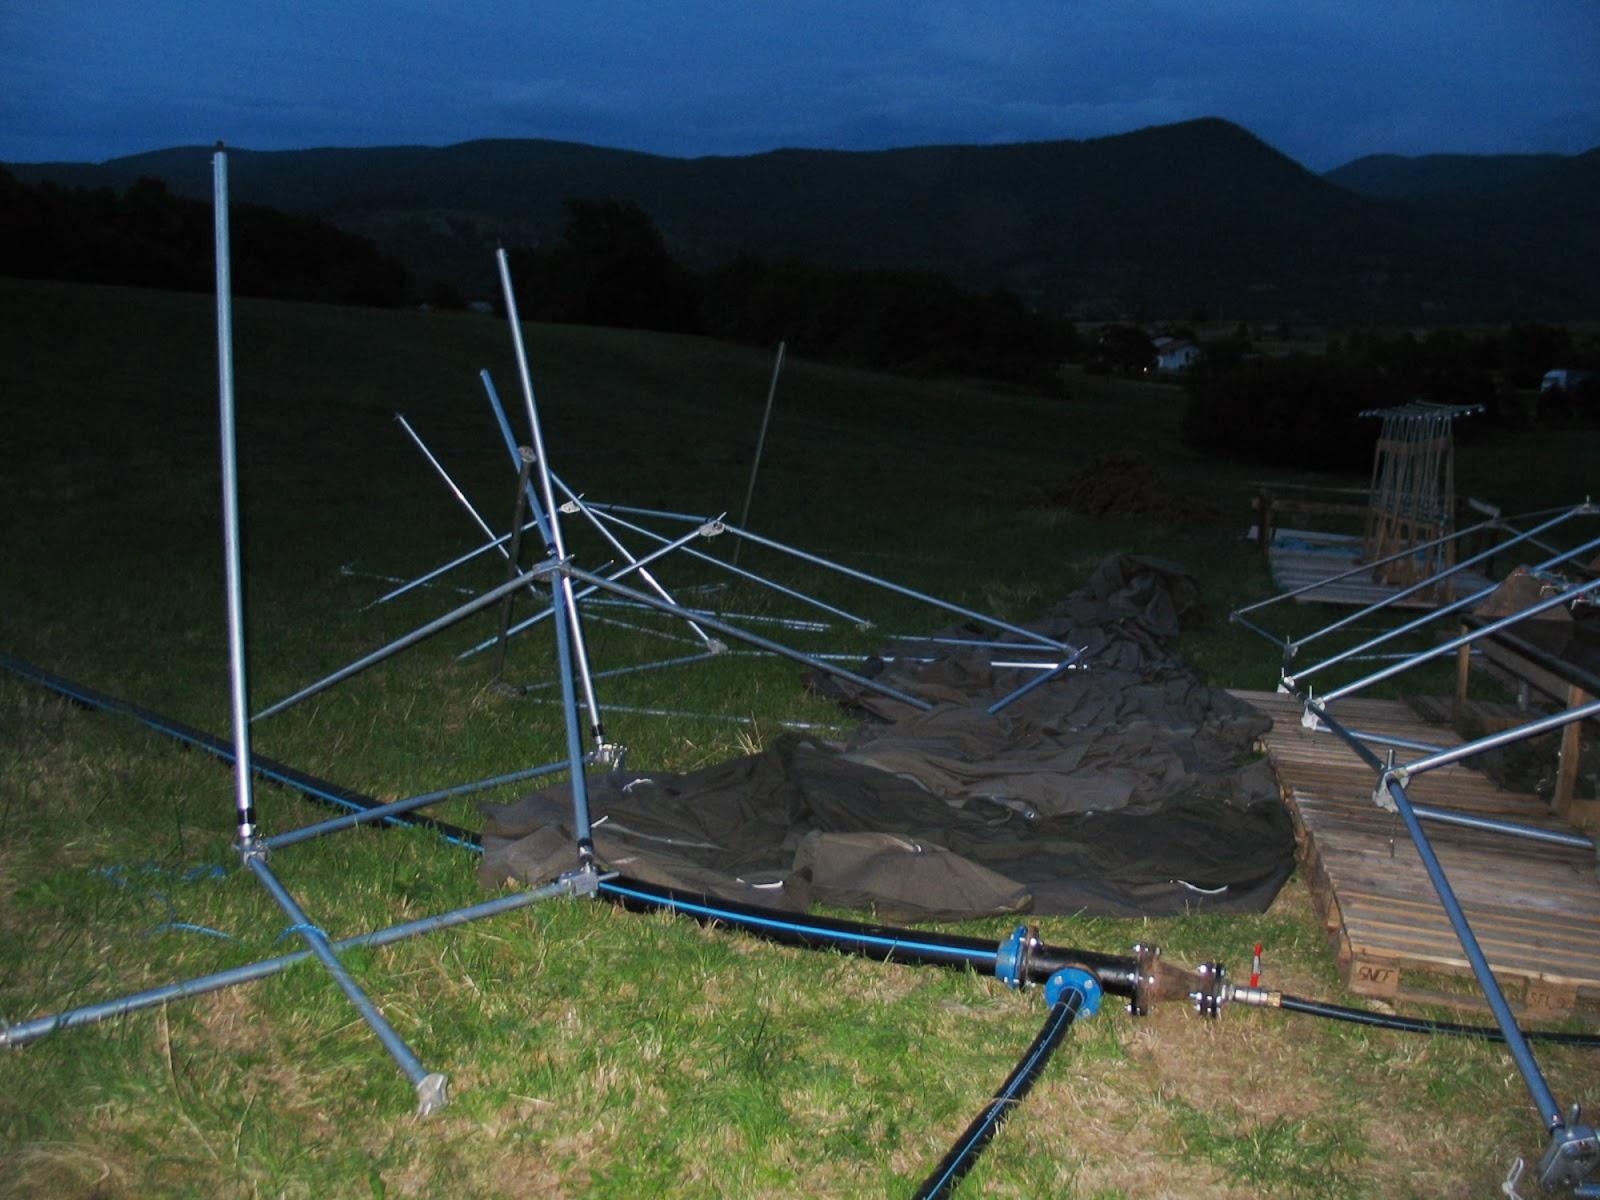 Pow-wow, Ilirska Bistrica 2004 - Zlet%2B2004%2B018.jpg